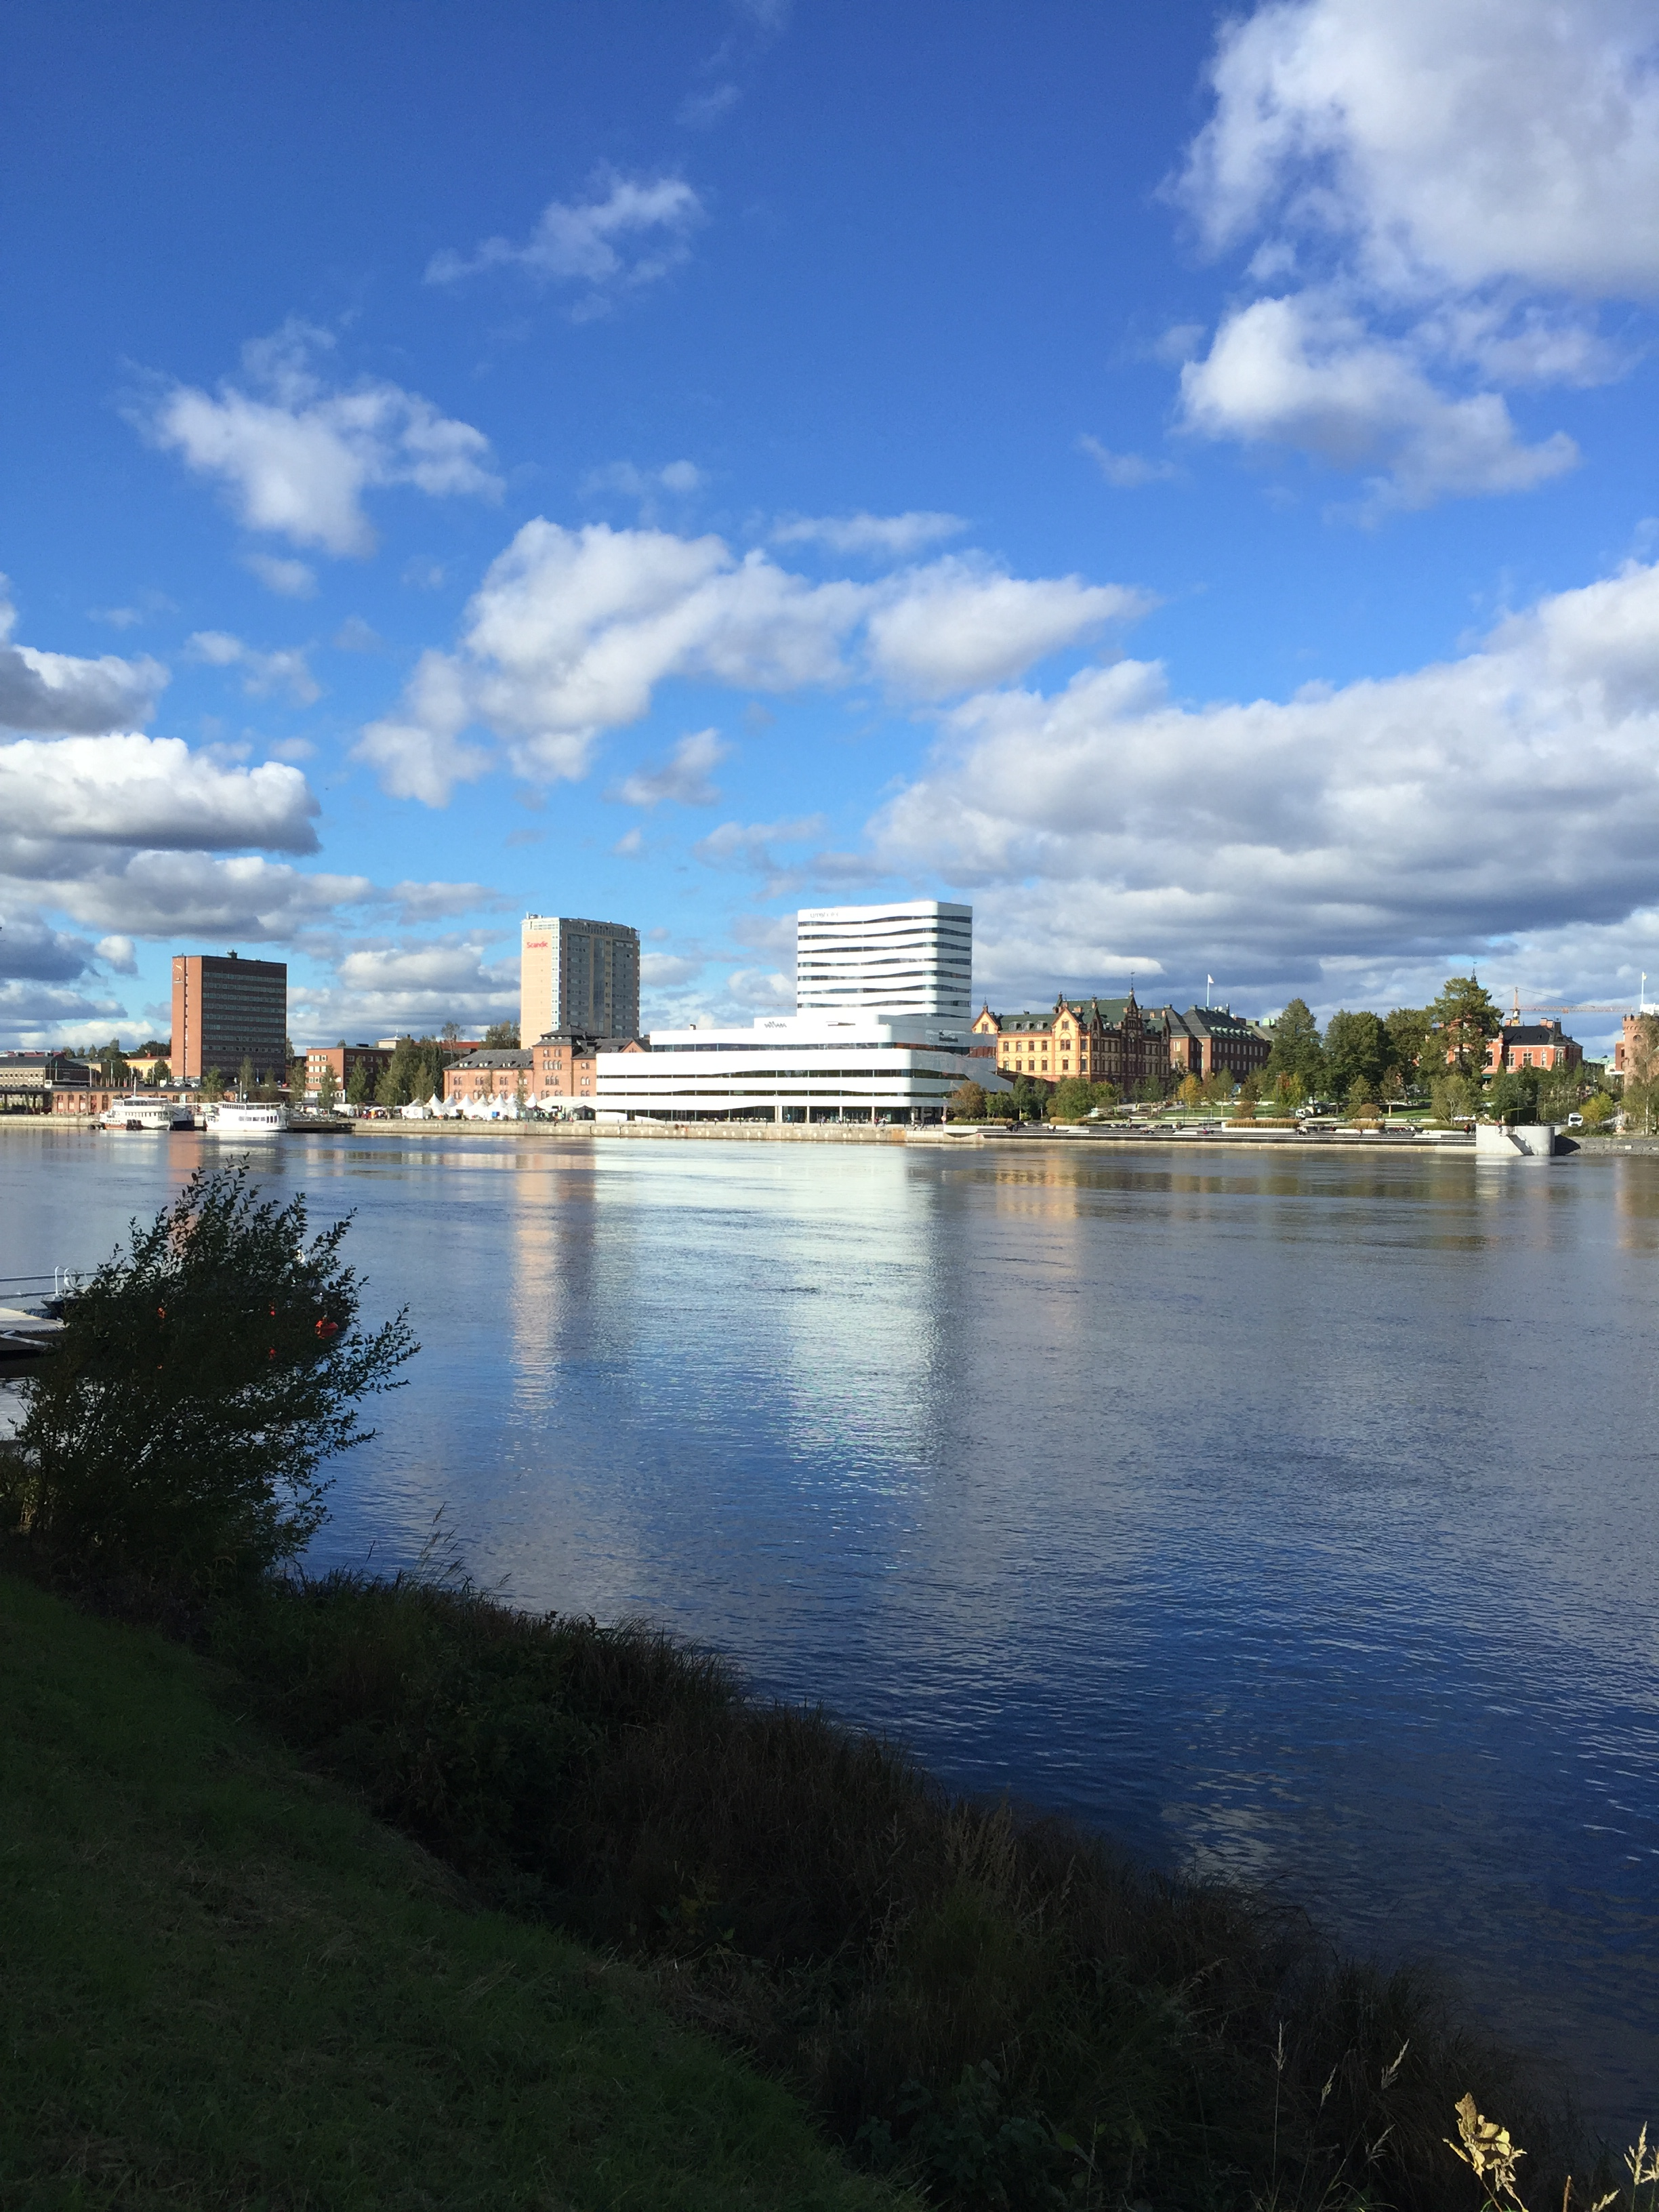 Umeå rasar i företagsranking bland Sveriges kommuner